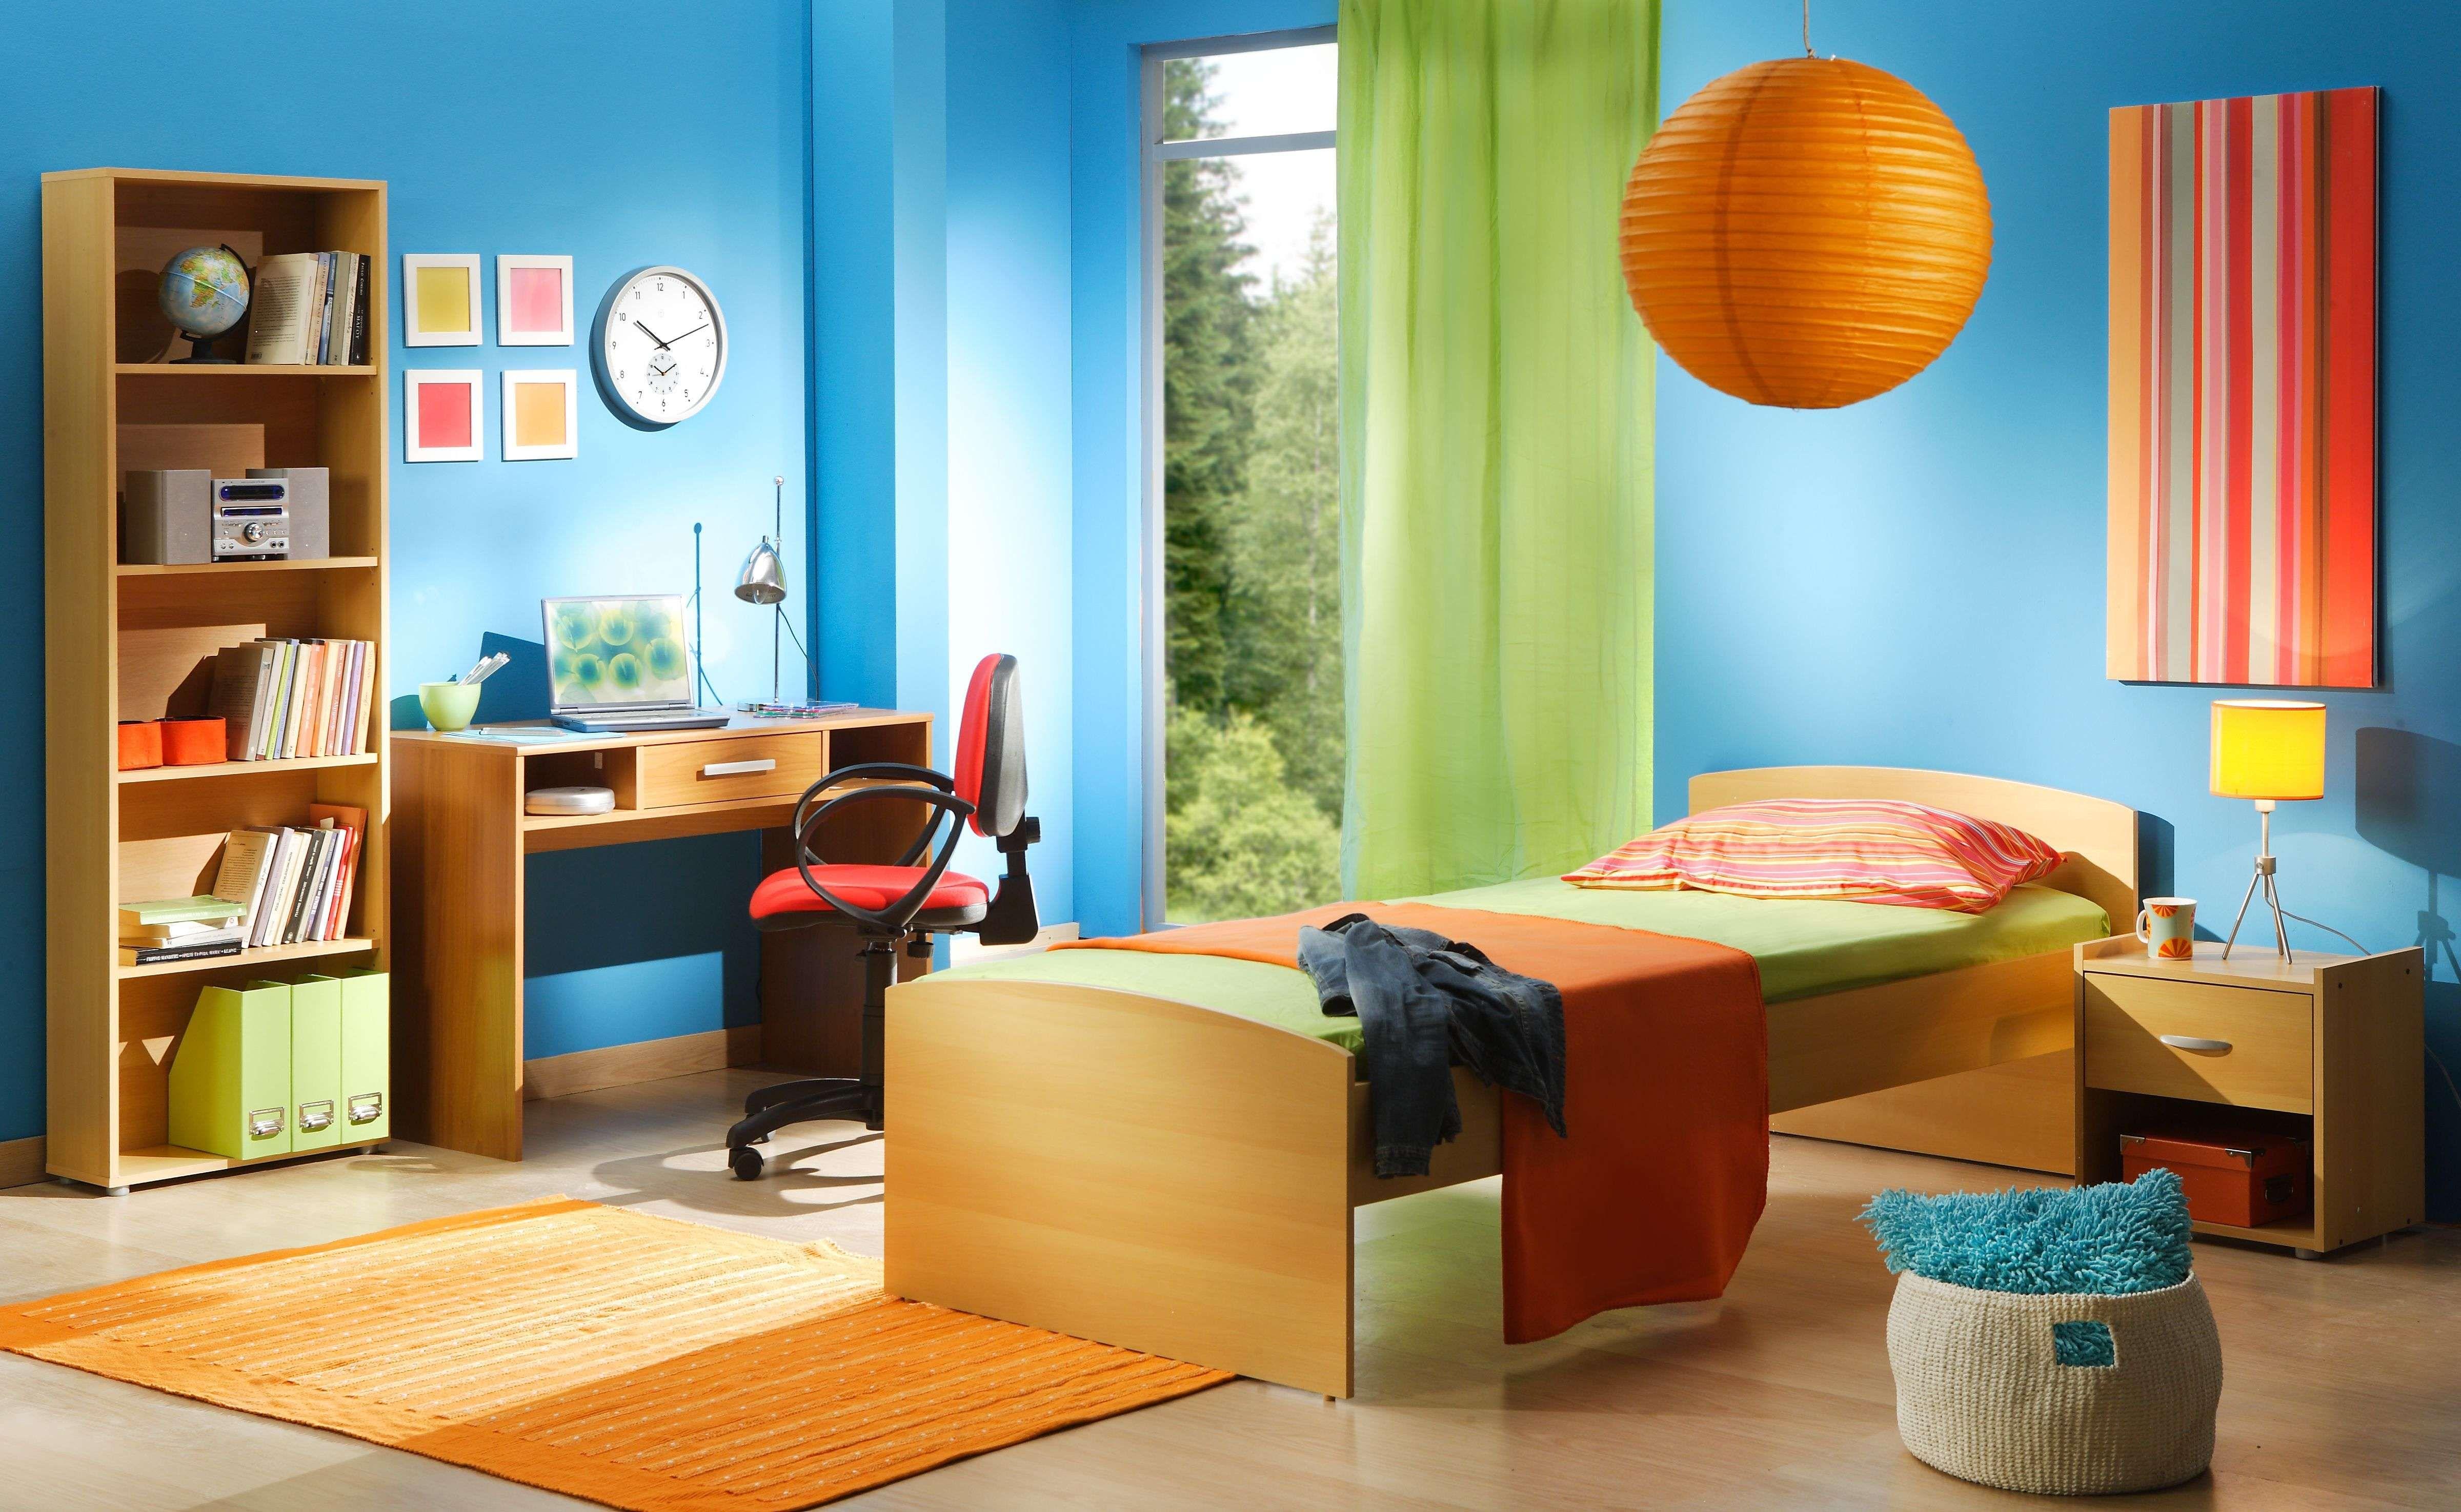 Comment choisir  le mobilier d'une chambre d'enfant